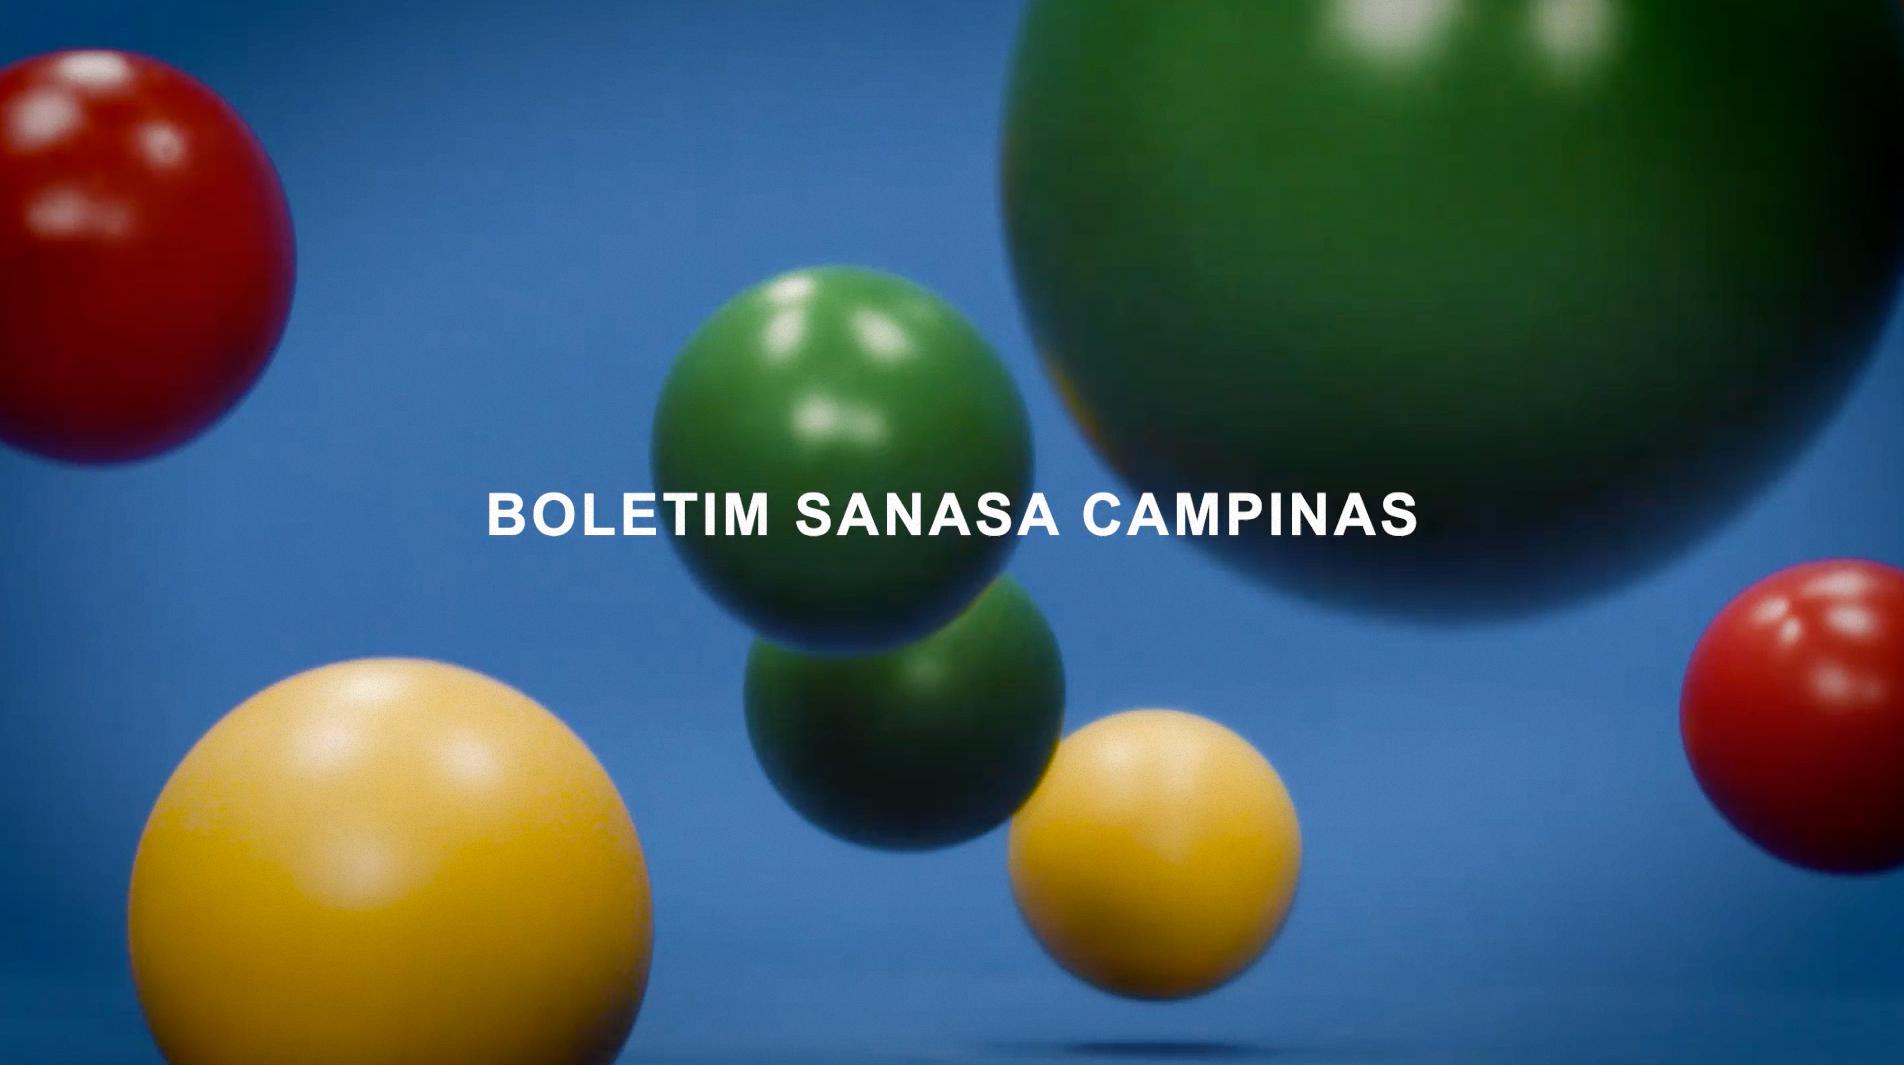 Sanasa - Boletim